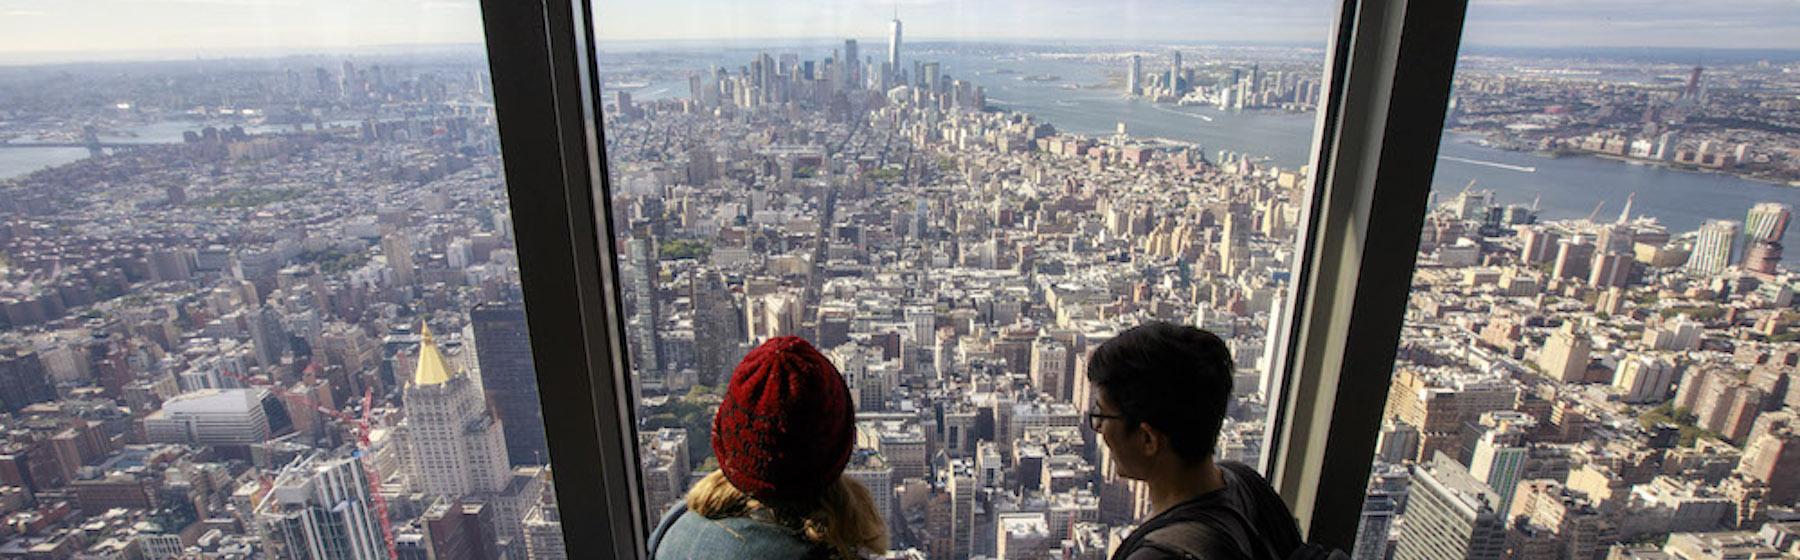 New York, apre l'osservatorio al 102° piano dell'Empire State Building